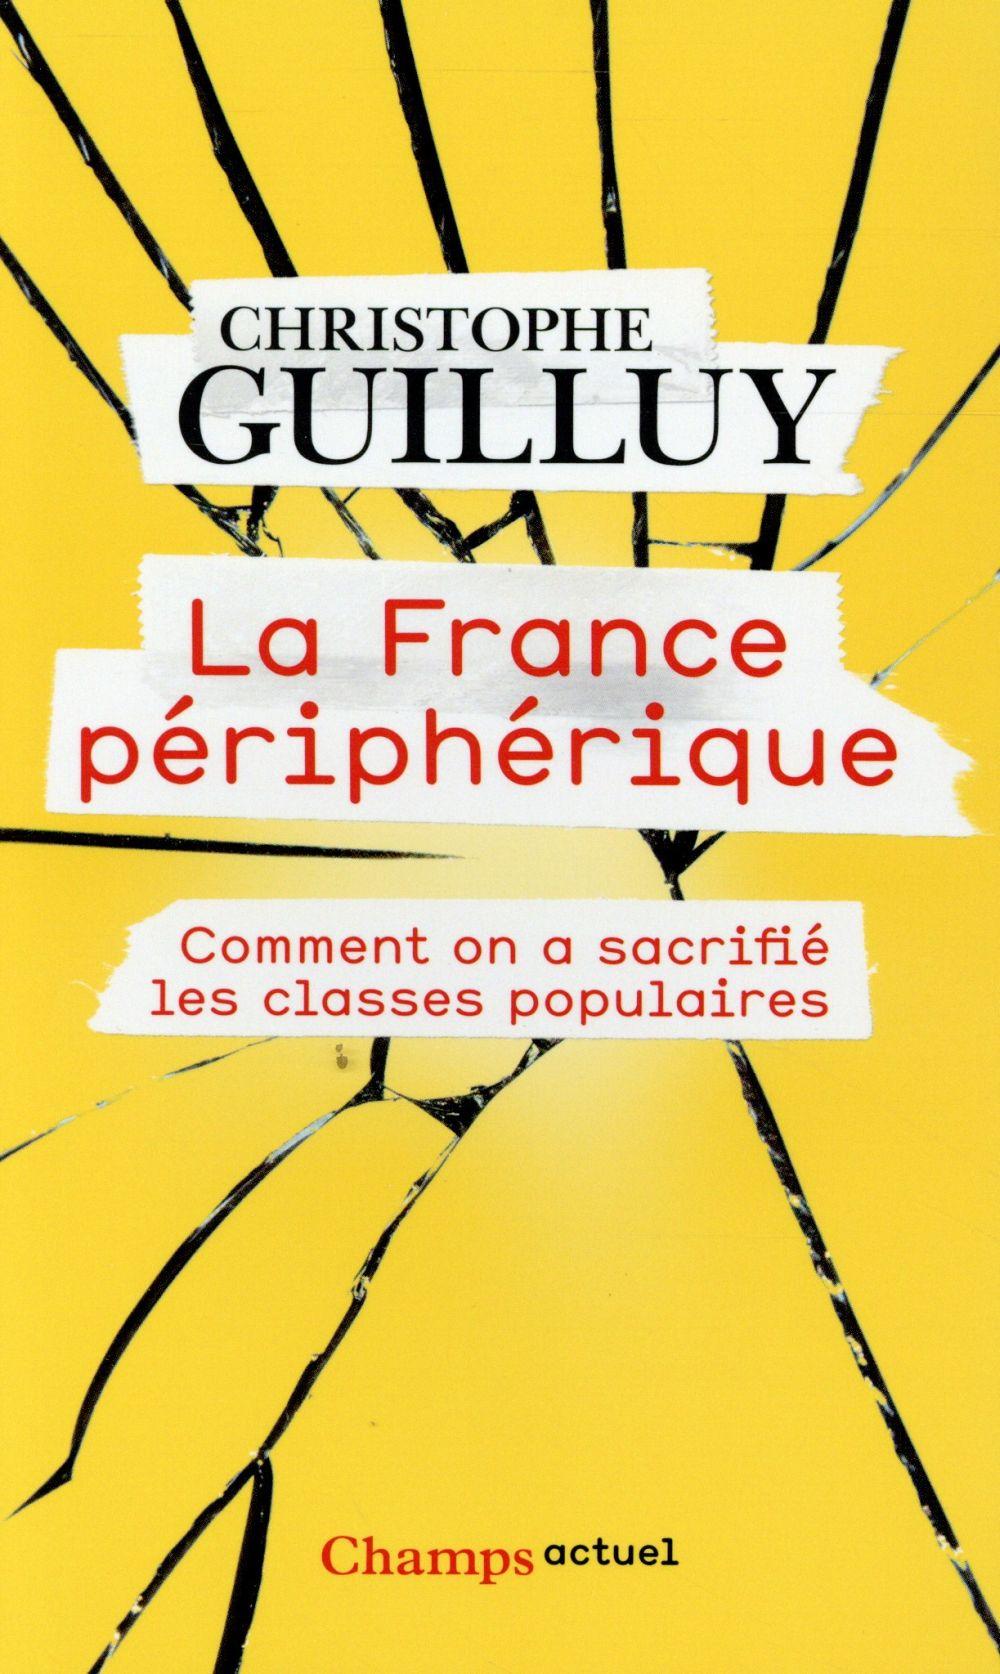 LA FRANCE PERIPHERIQUE - COMME GUILLUY CHRISTOPHE FLAMMARION